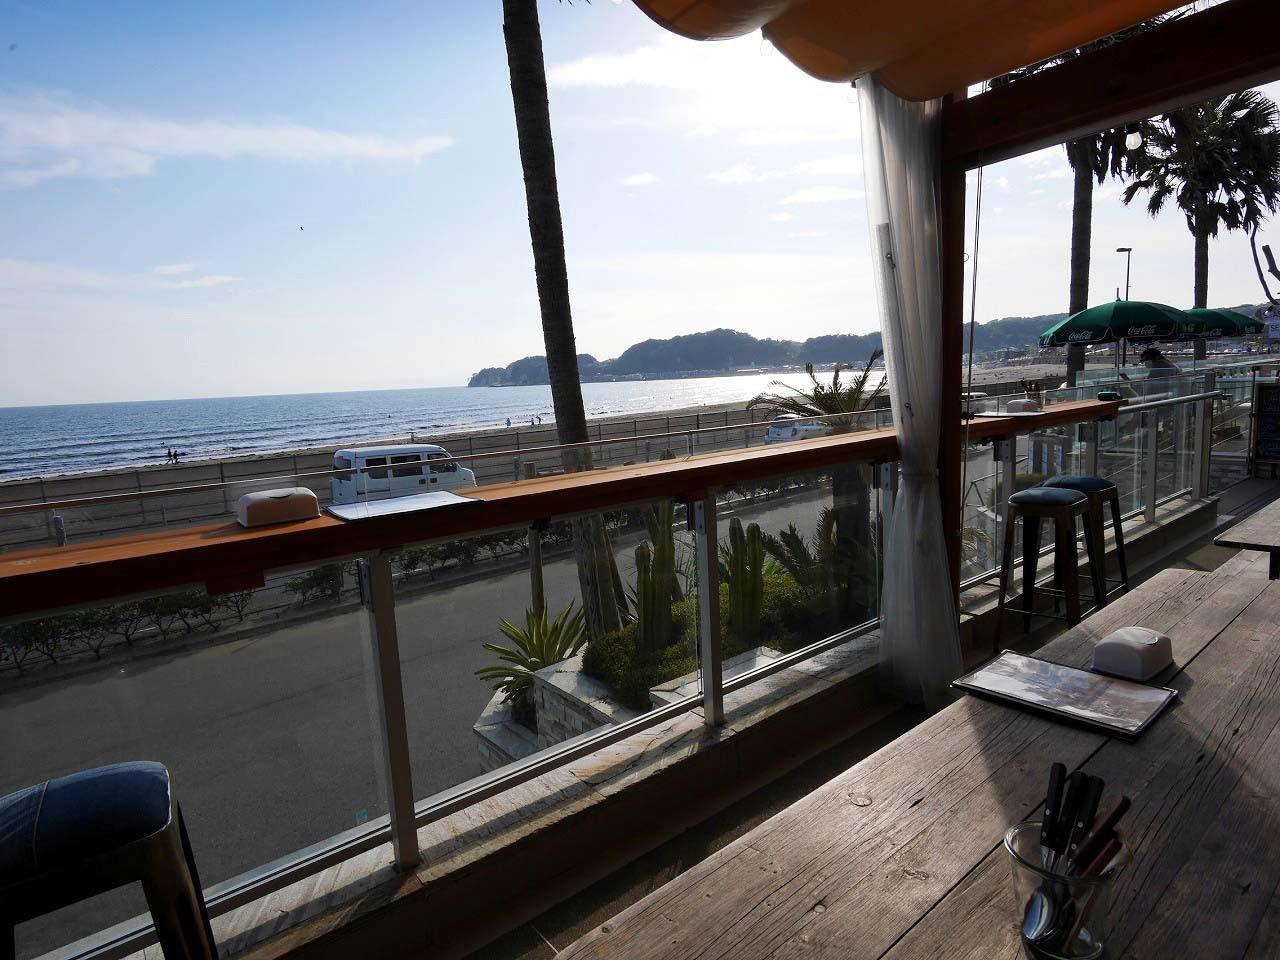 海好きなオトナのための「材木座テラス」にある小さなホテル